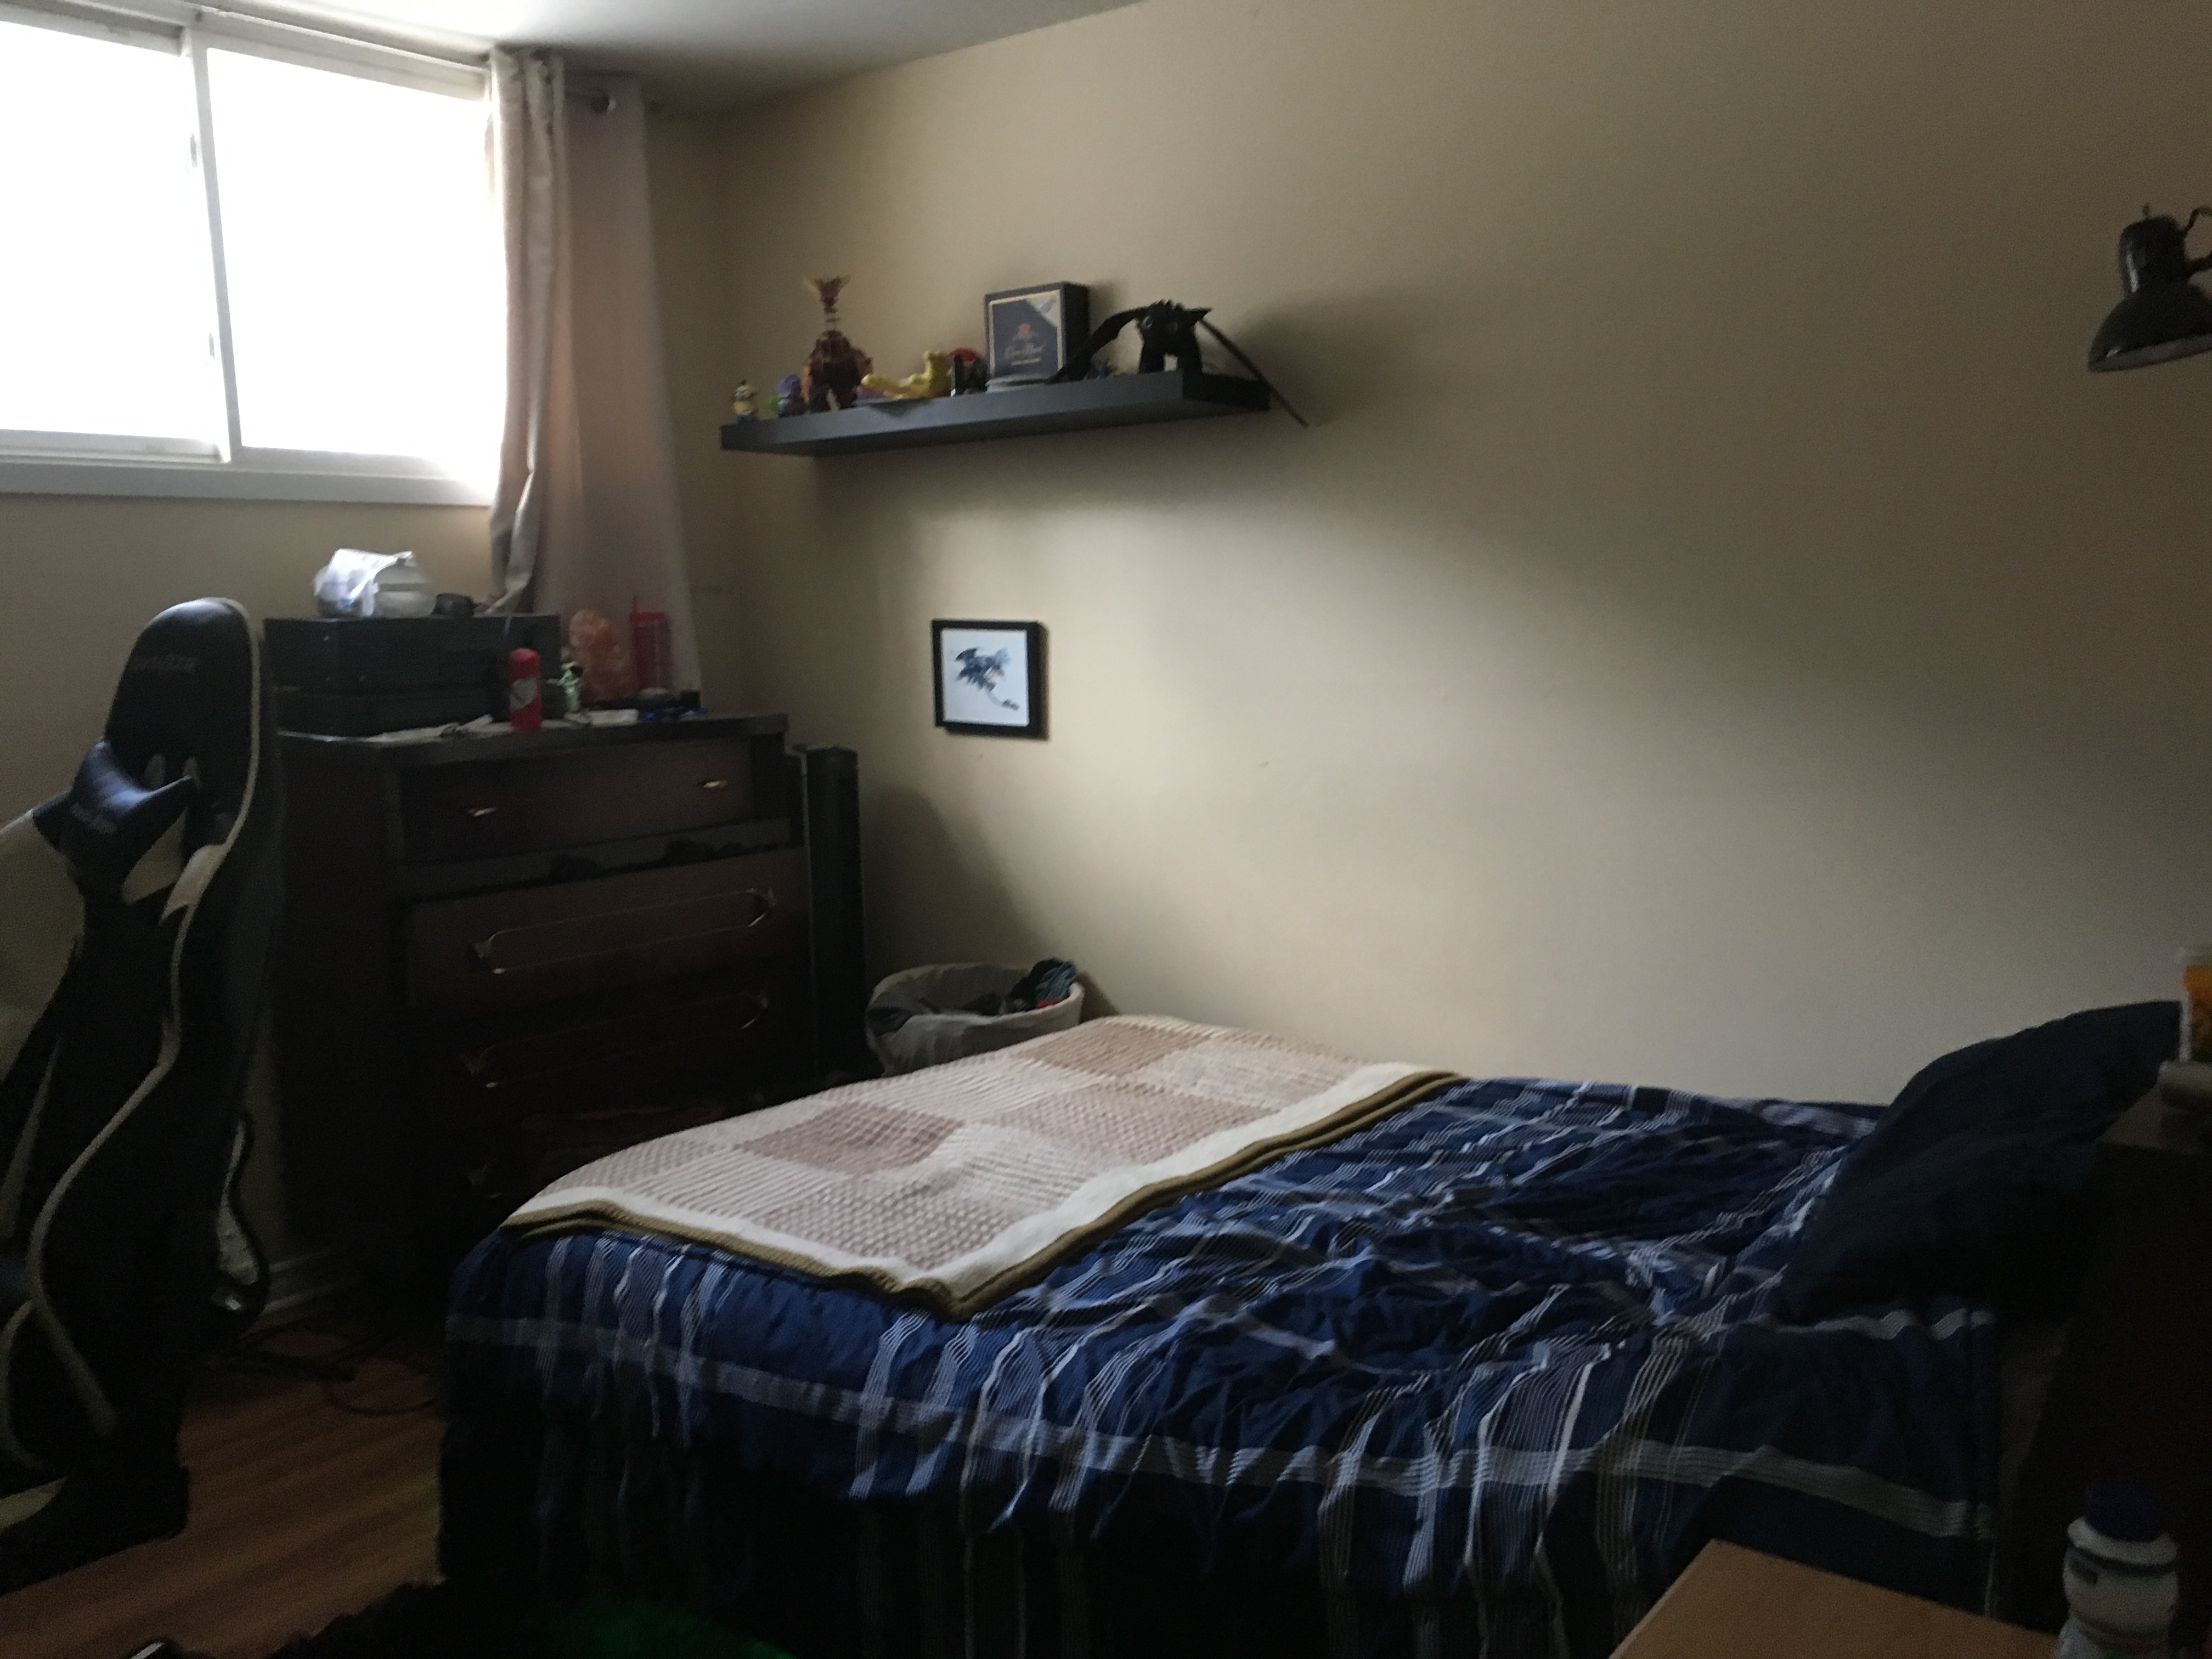 Студенты в спальне, Смотрите онлайн Горячие студенты трахаются в спальне 9 фотография